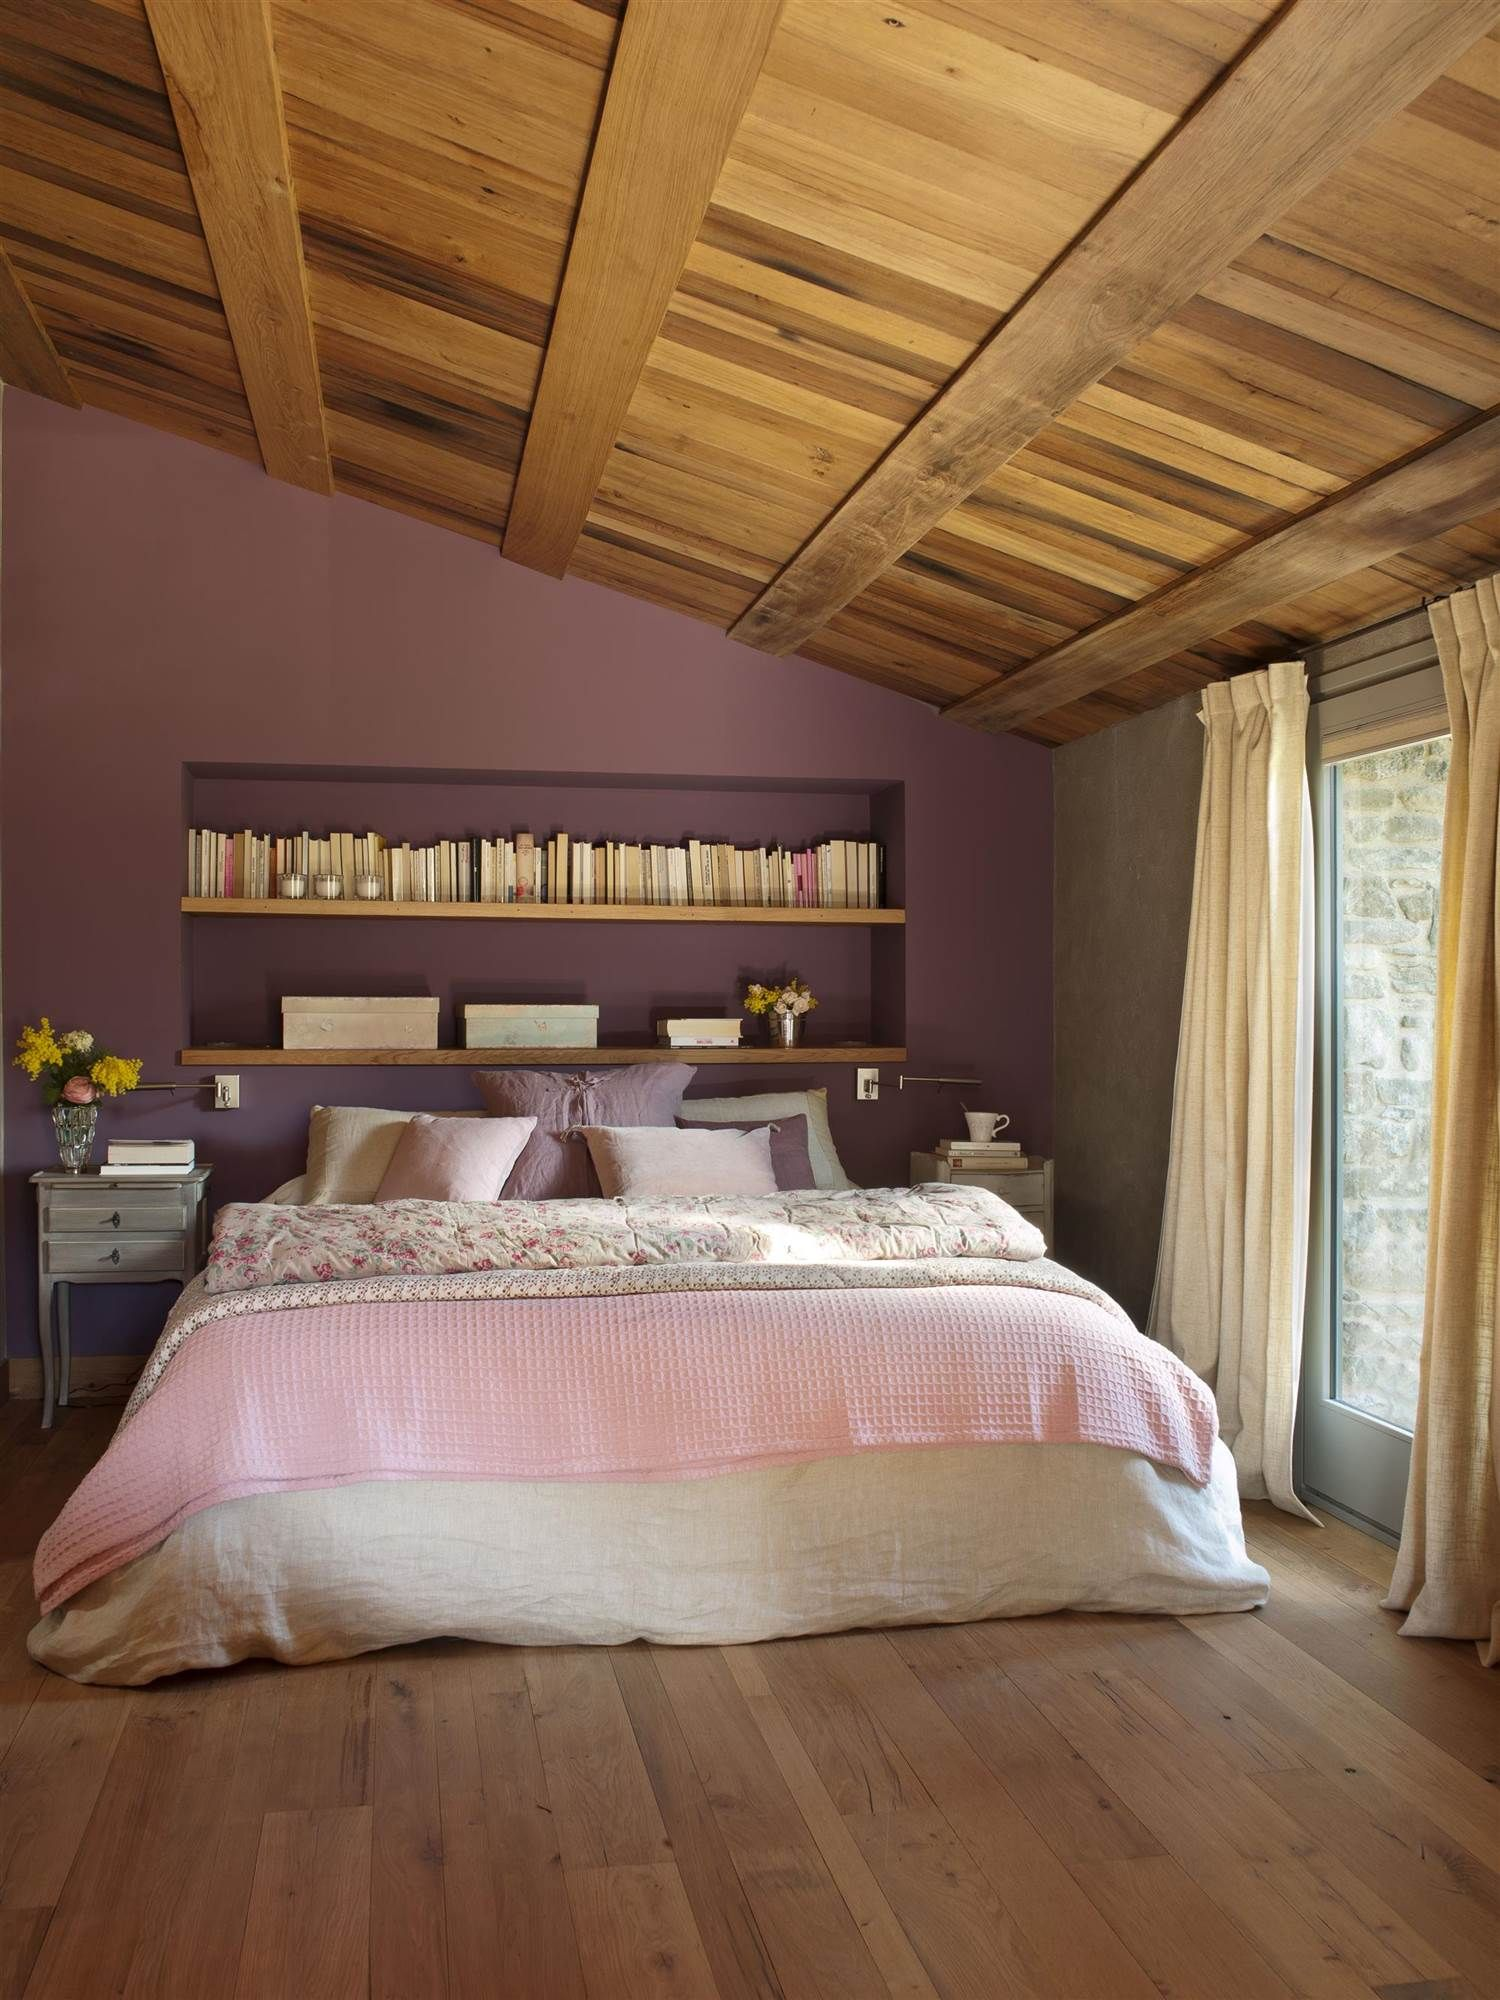 Dormitorio con la pared del cabecero pintada de granate - Paredes pintadas de dos colores ...